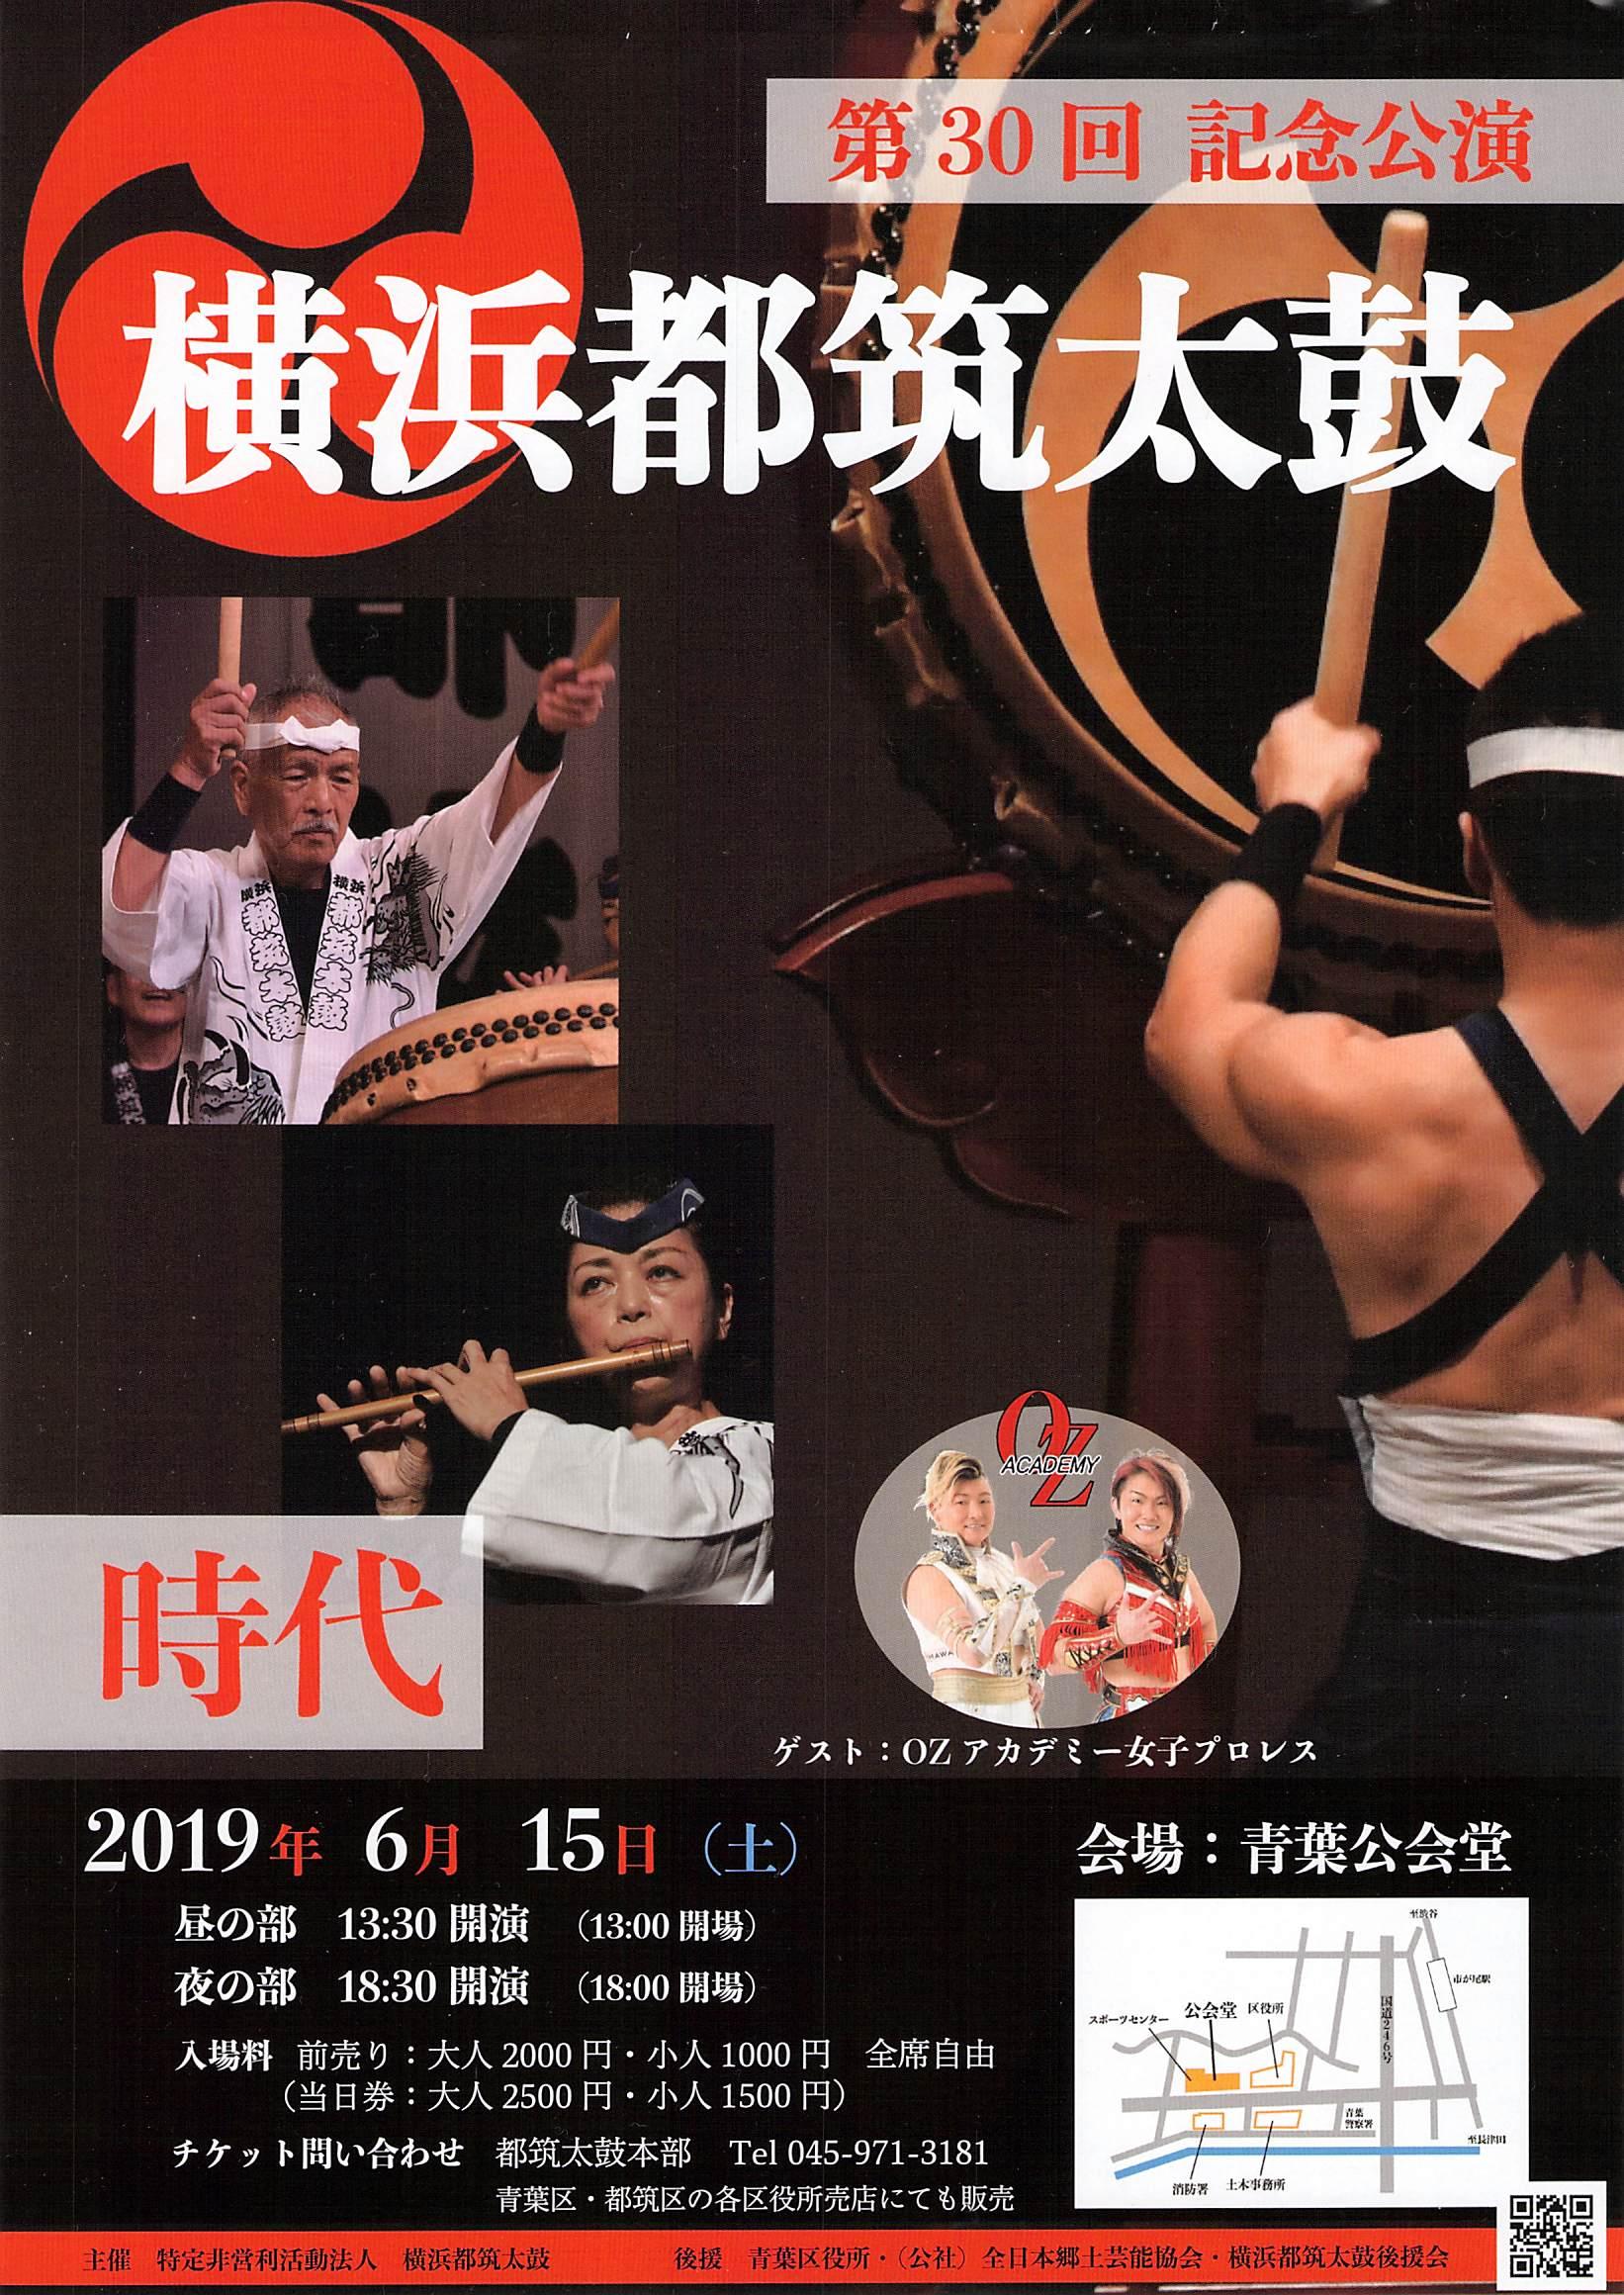 【夜の部】第30回記念公演 横浜都筑太鼓「時代」